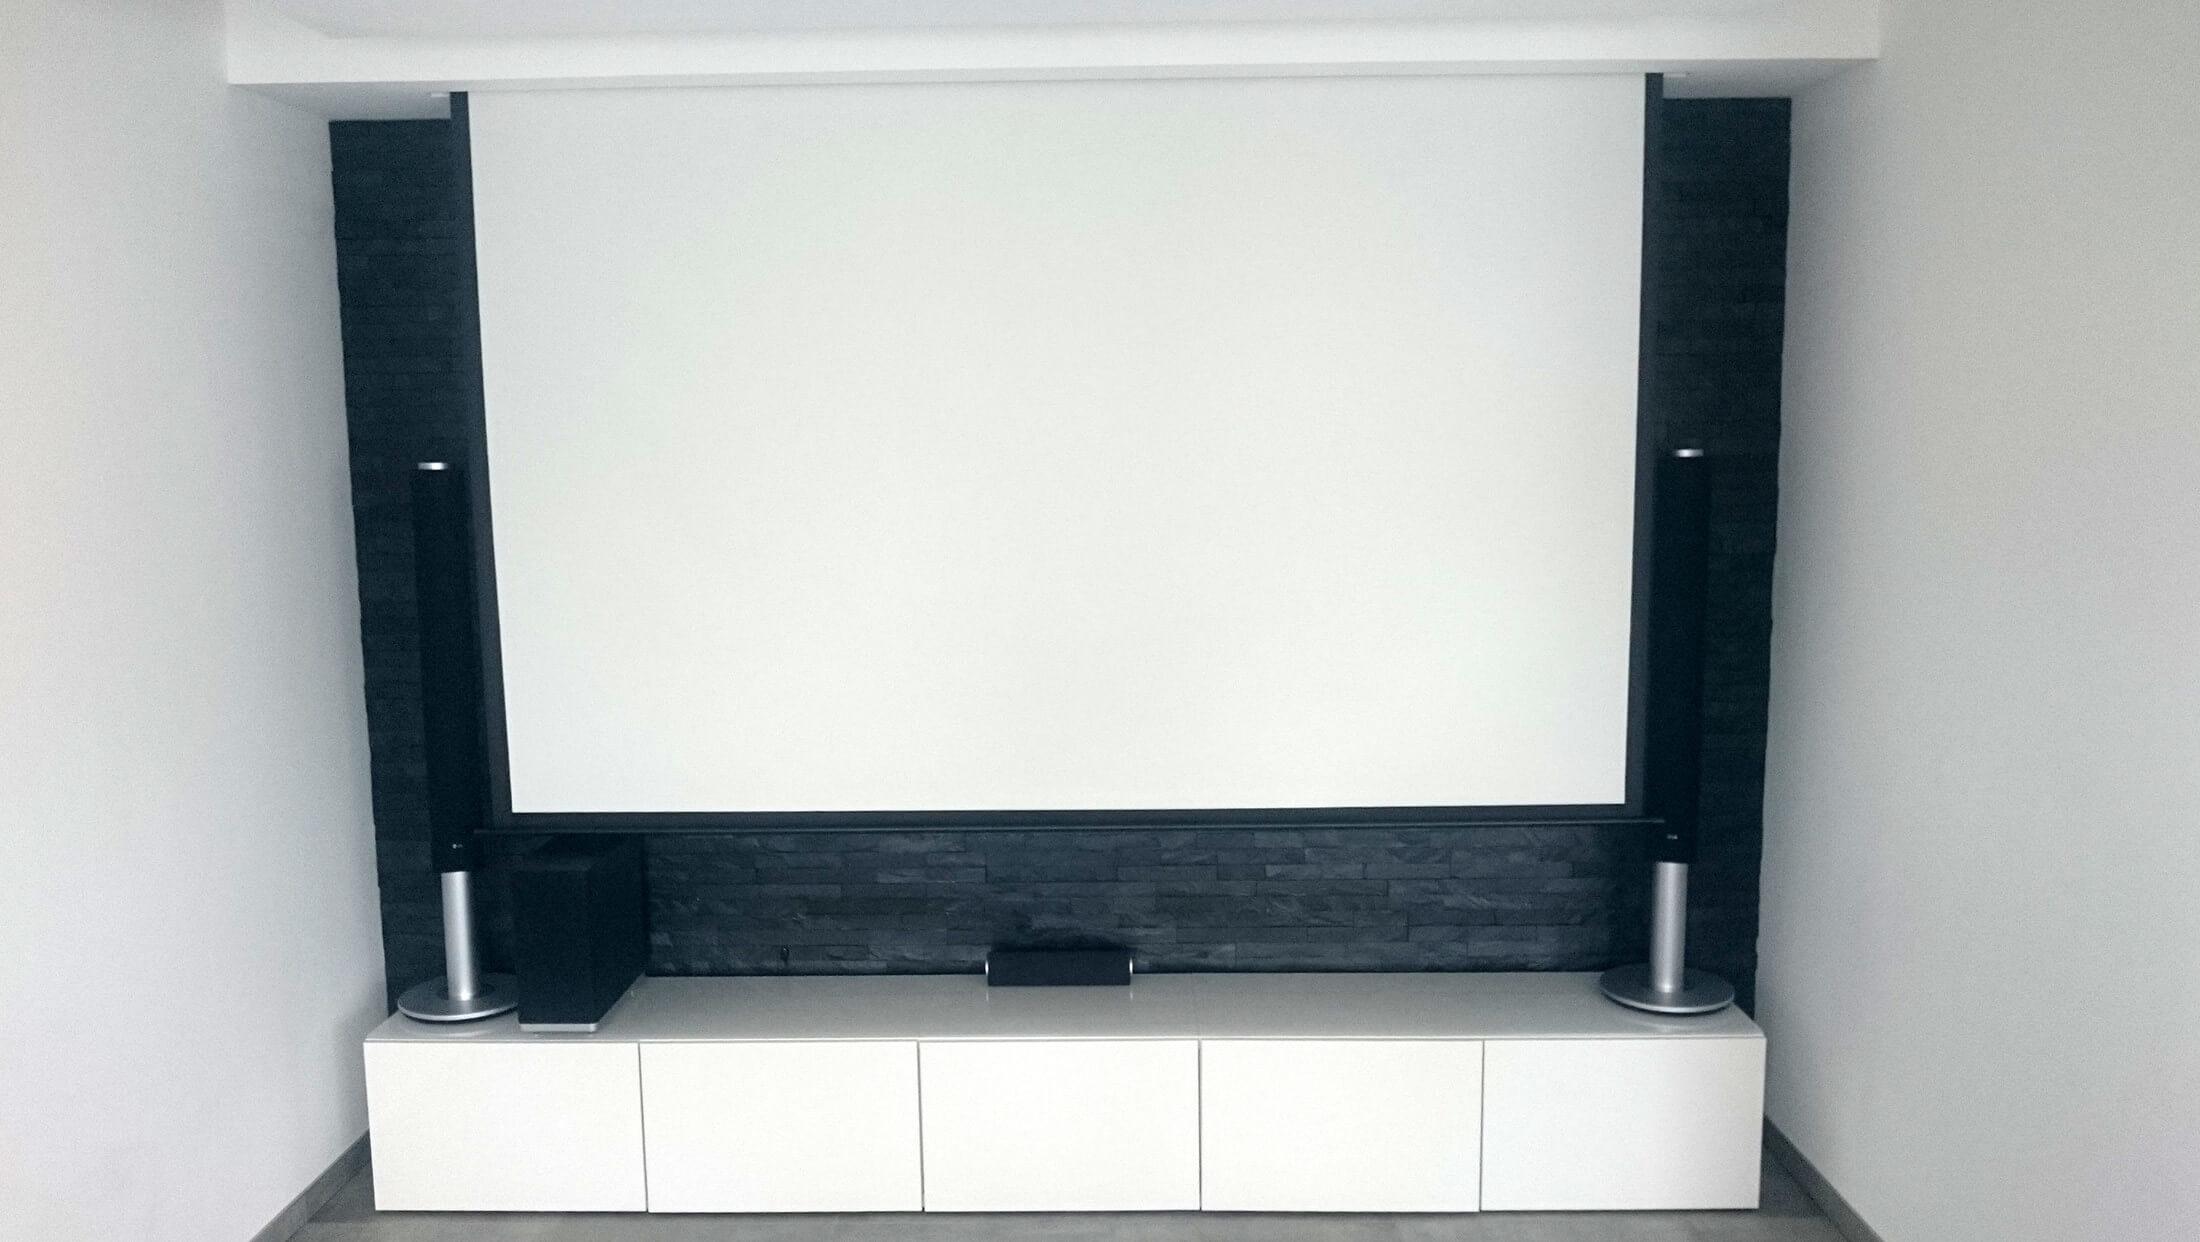 multimedia wohnzimmer mit naturstein verblender selber bauen - Wohnzimmer Ideen Beamer